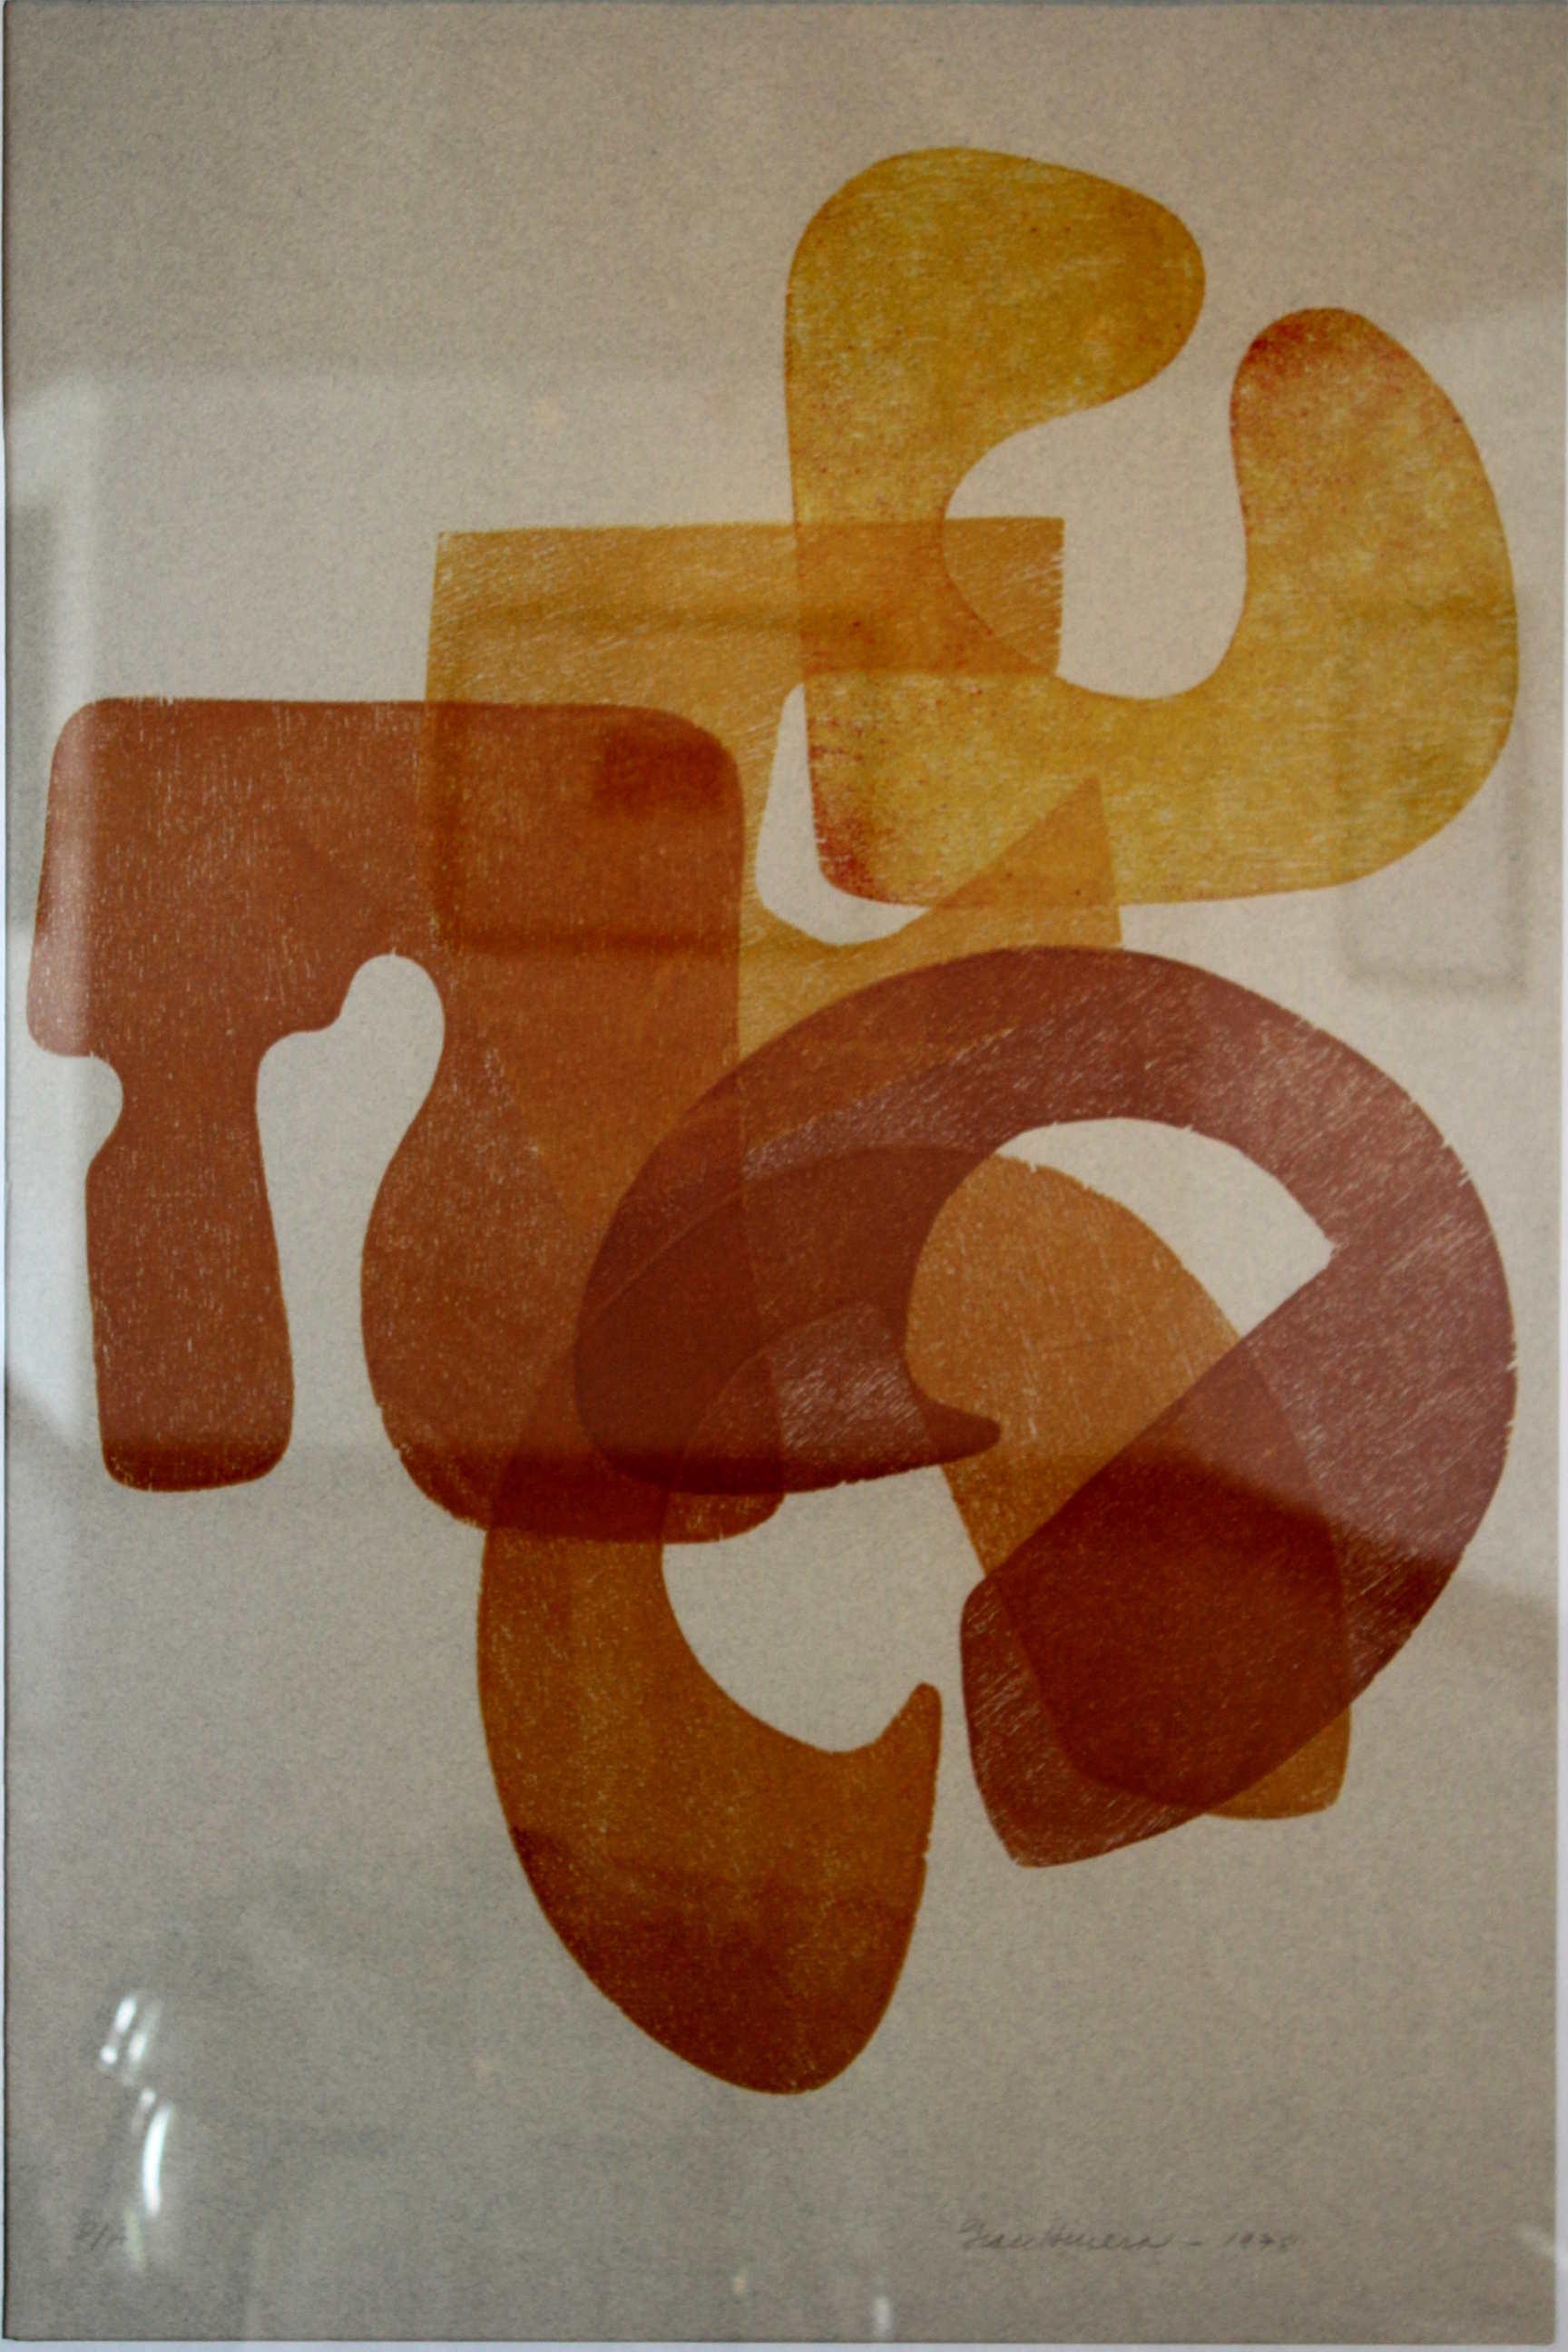 """Obre de Grace Herrera, """"Sin título"""", hecha en 1978, técnica utilizada xilografía. Fotografía: Adriana Araya."""